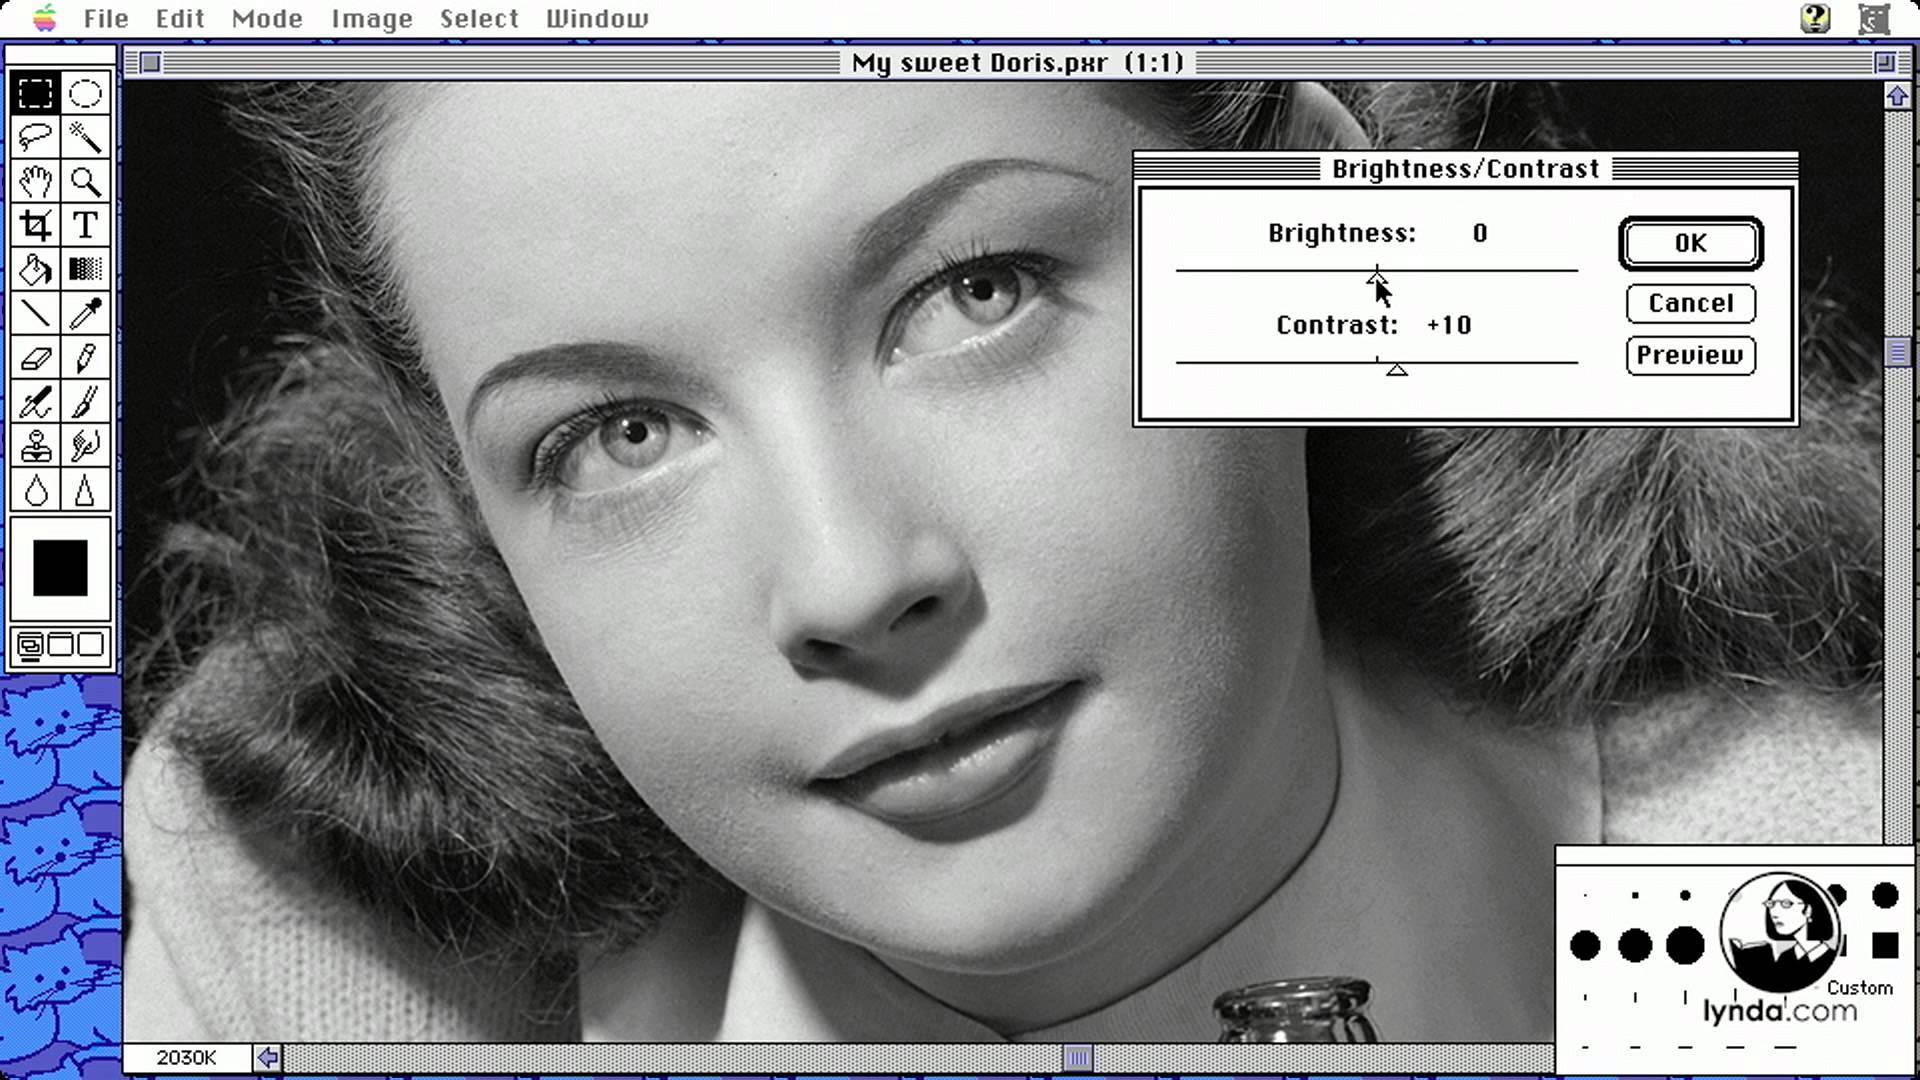 Tutoriel pour retoucher une image avec Photoshop 1.0.7